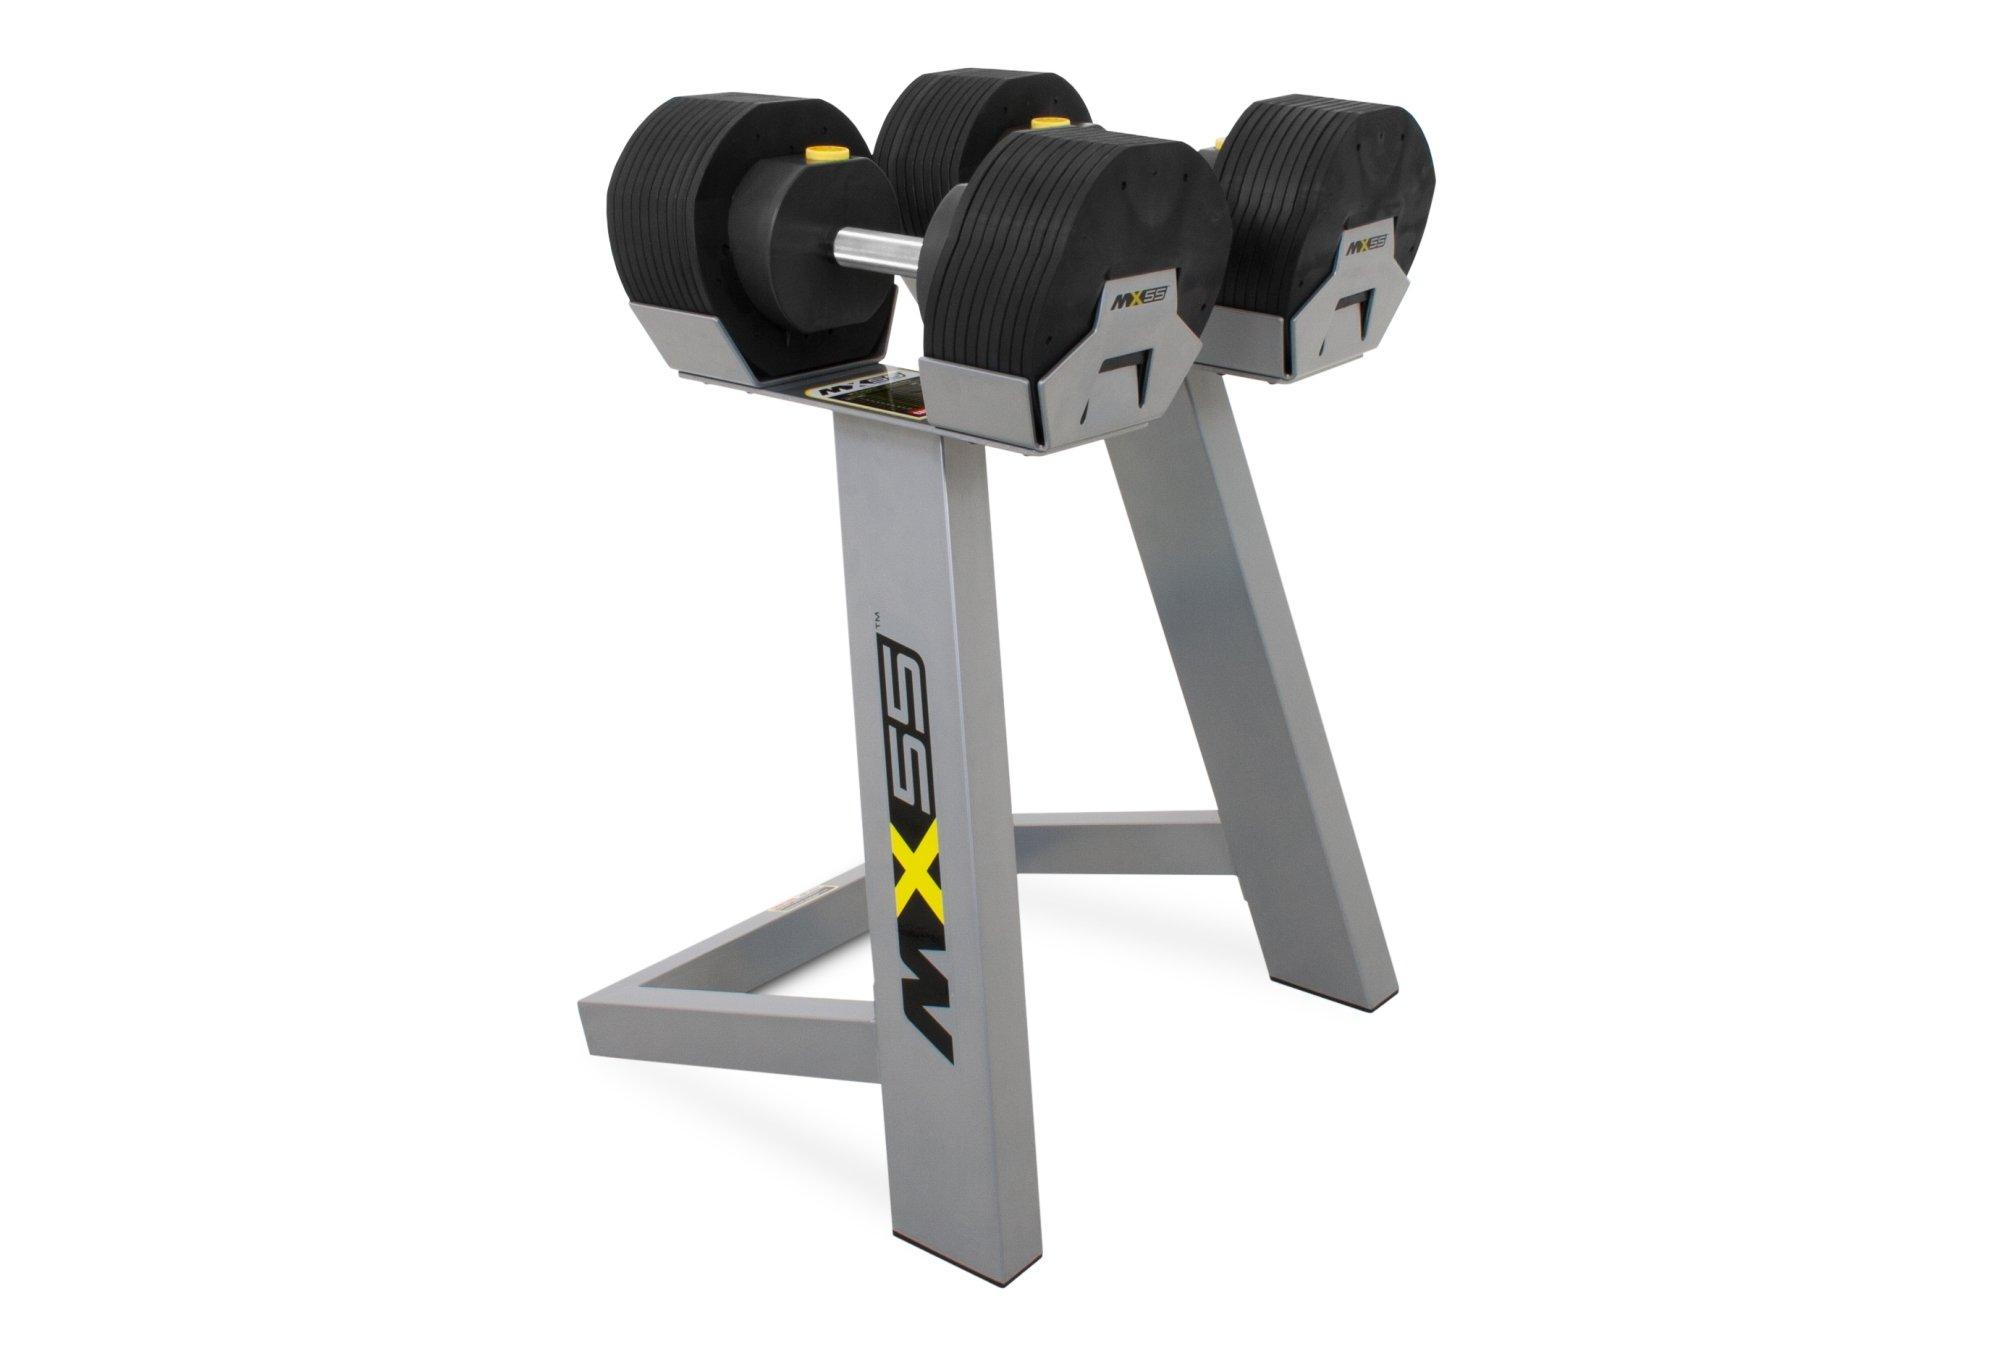 Afbeelding van MX-Select MX-55 verstelbare dumbbell set (25 kg - 2 stuks)